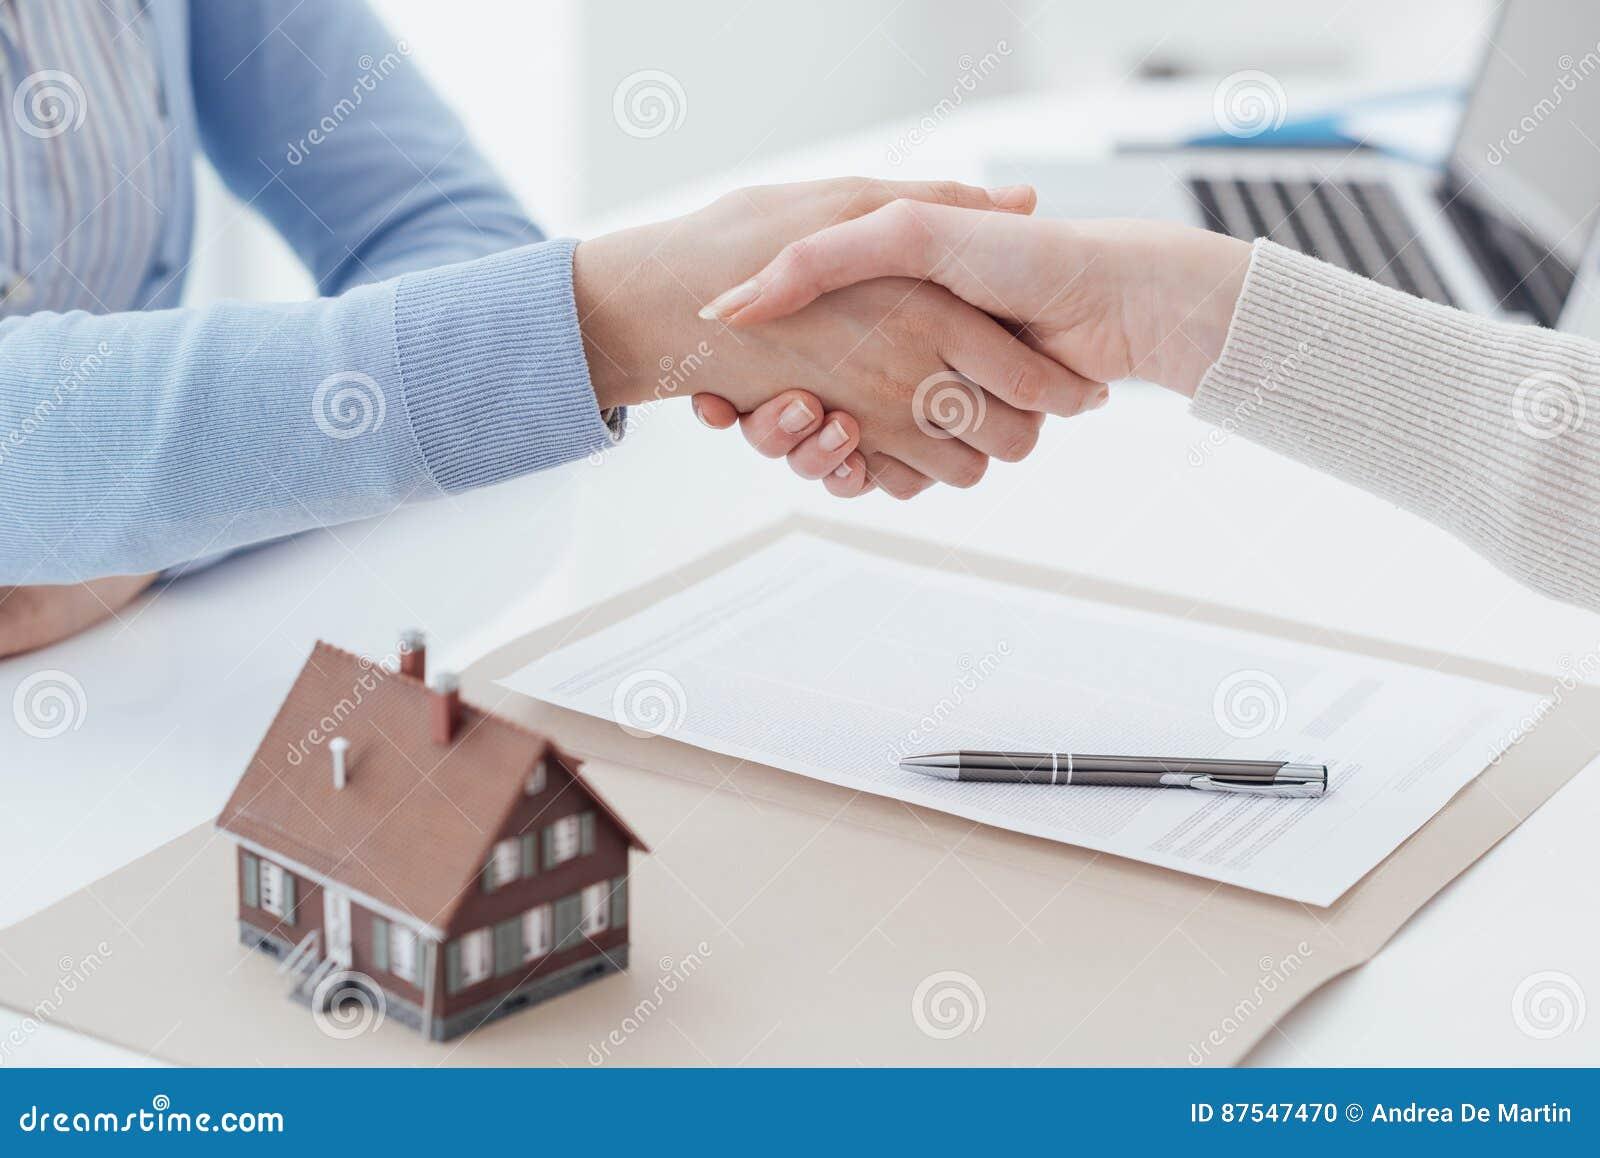 房屋贷款和保险